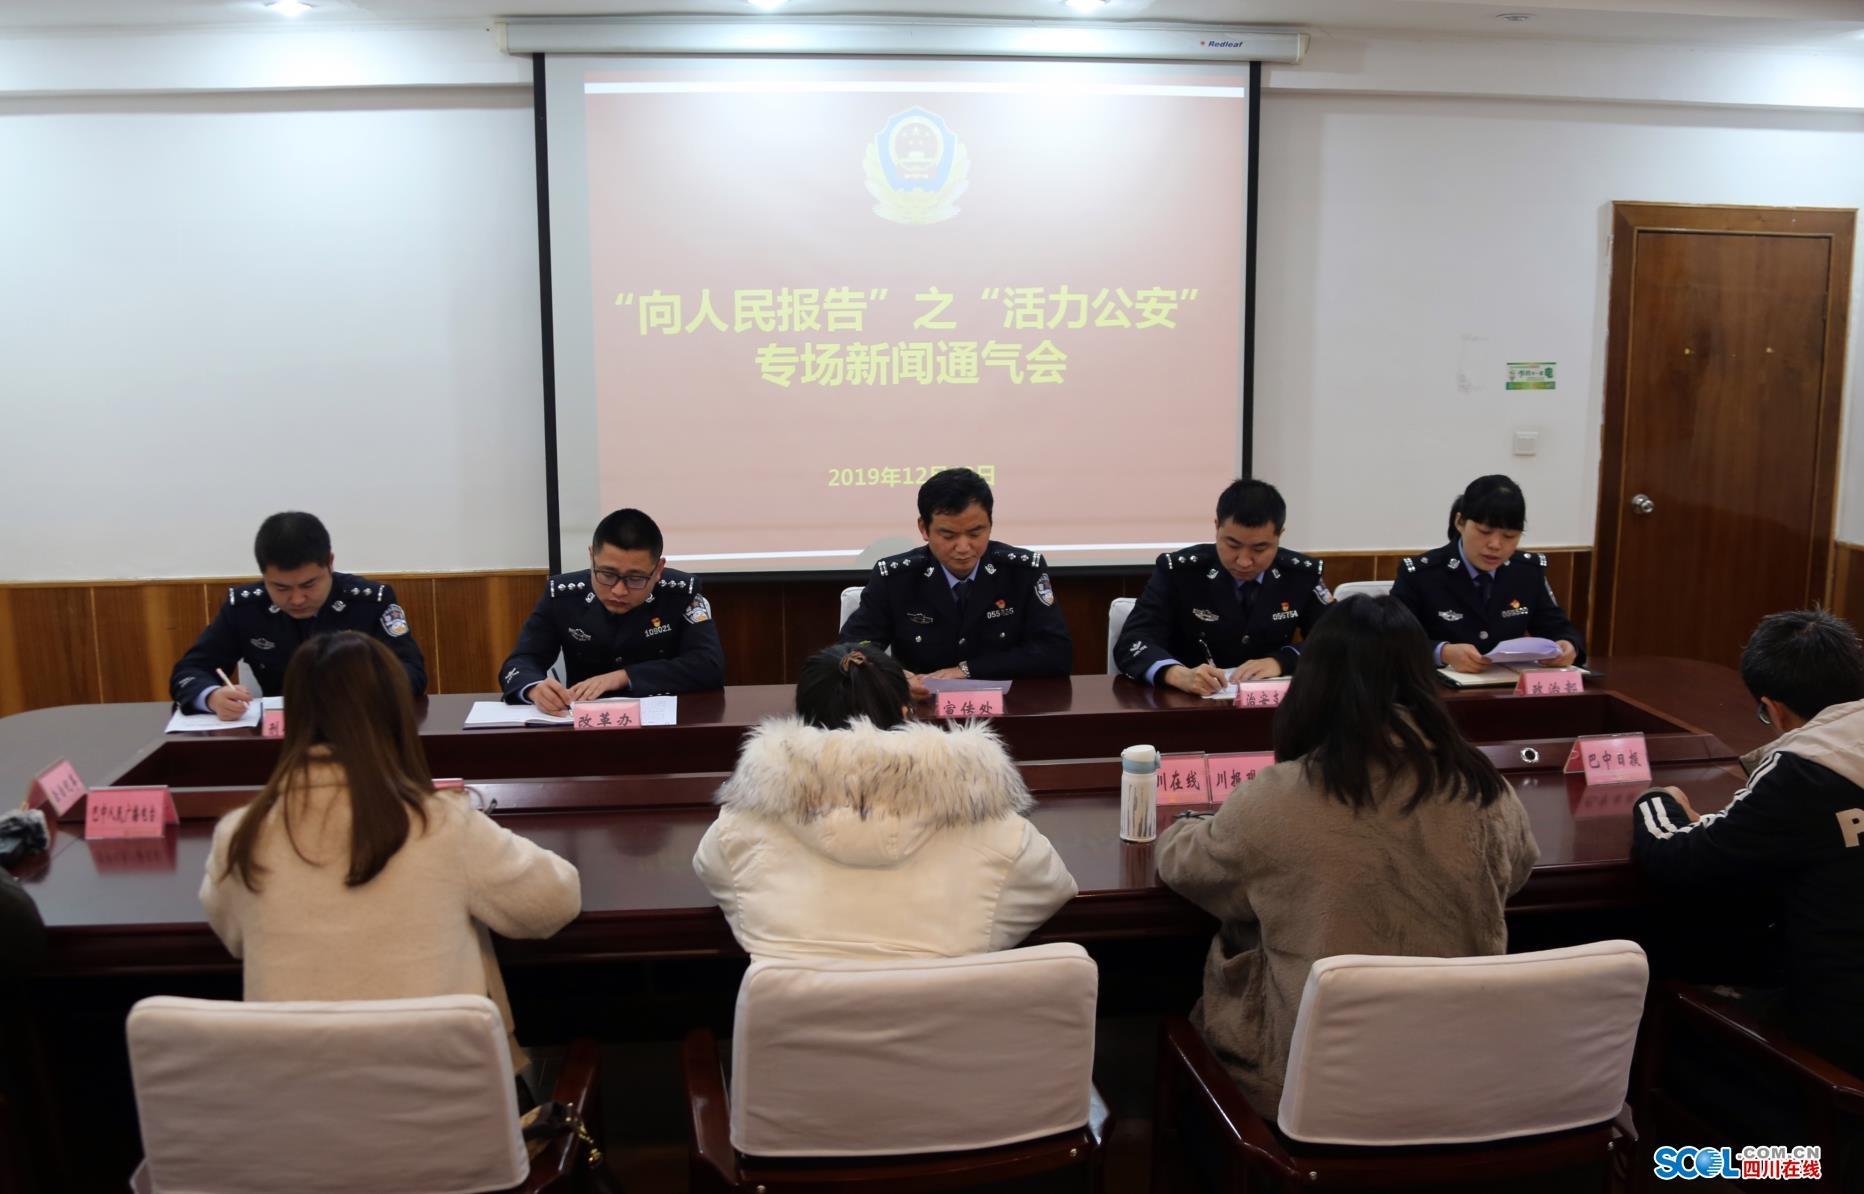 巴中公安打击电信网络诈骗犯罪取得显著成效 今年共破案202件